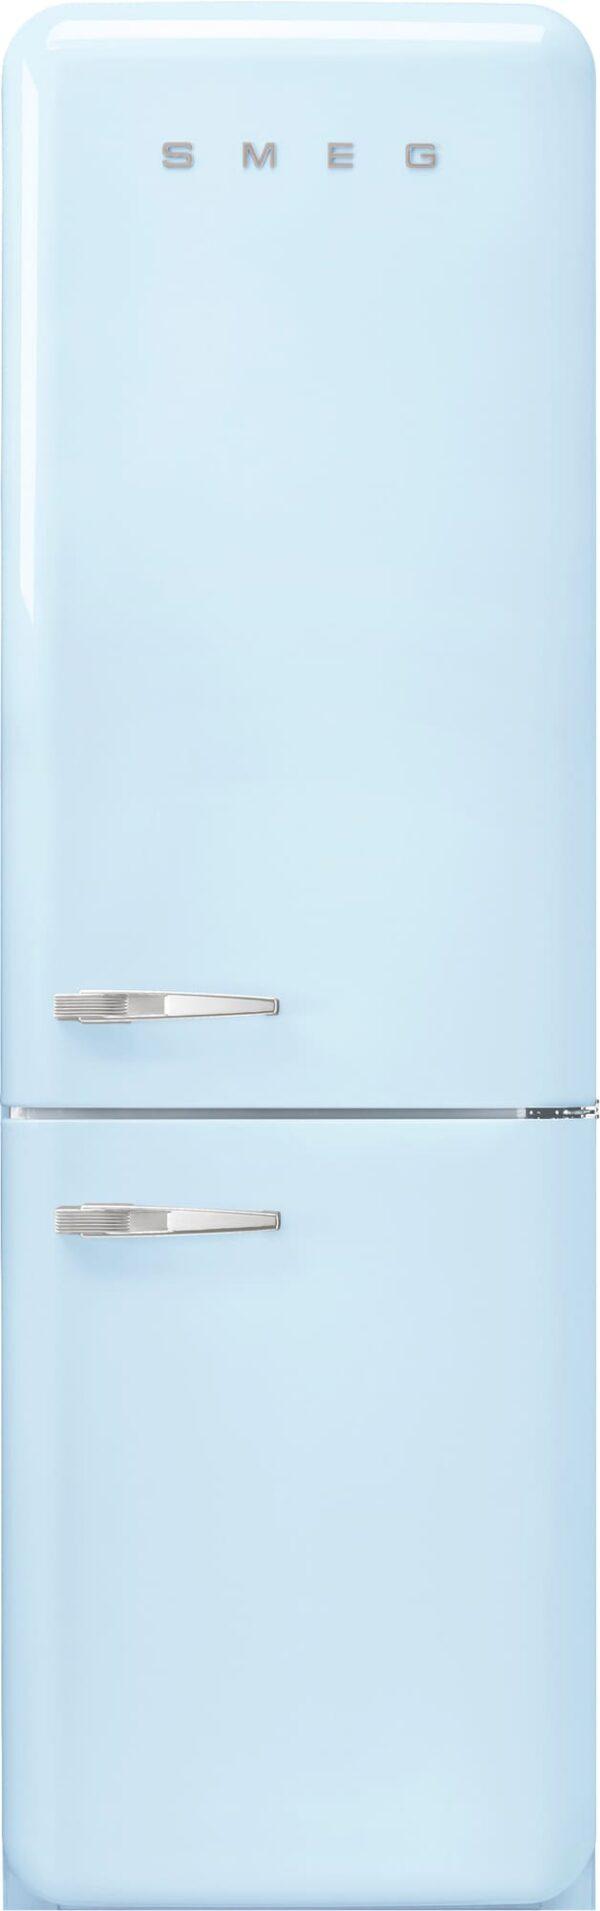 Smeg 50's Style kølefryseskab FAB32RPB5 (pastel blue)